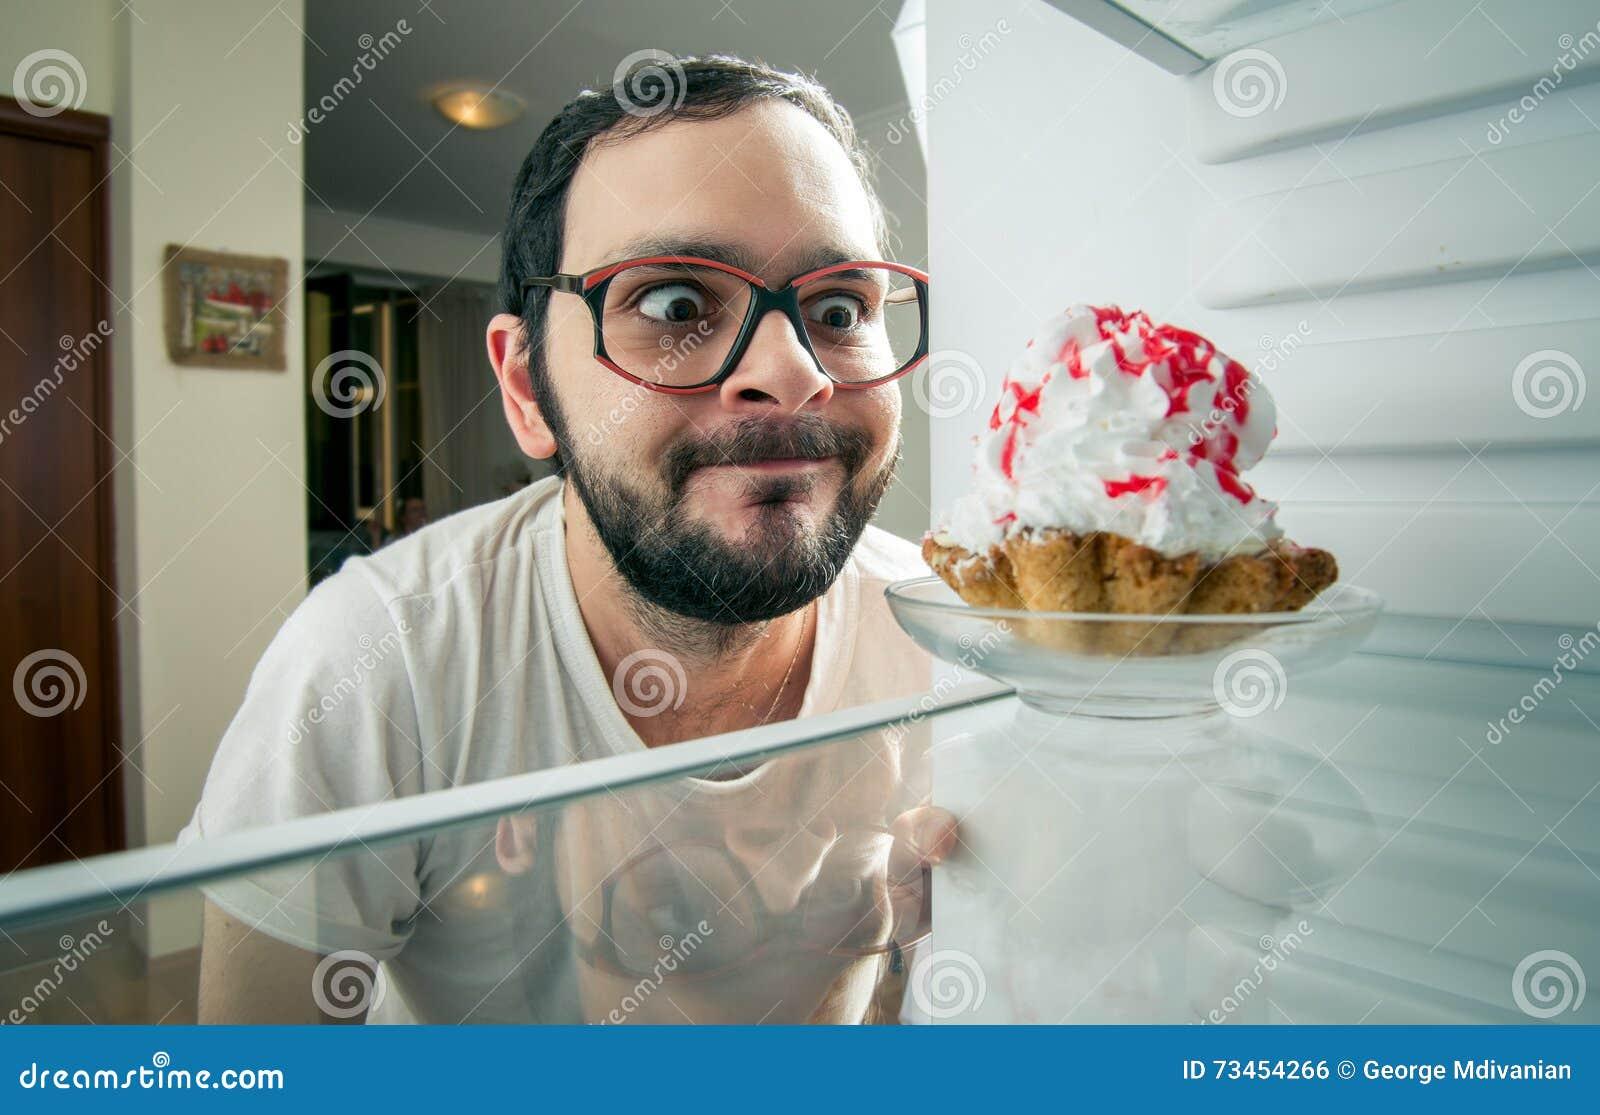 L uomo vede il dolce dolce nel frigorifero